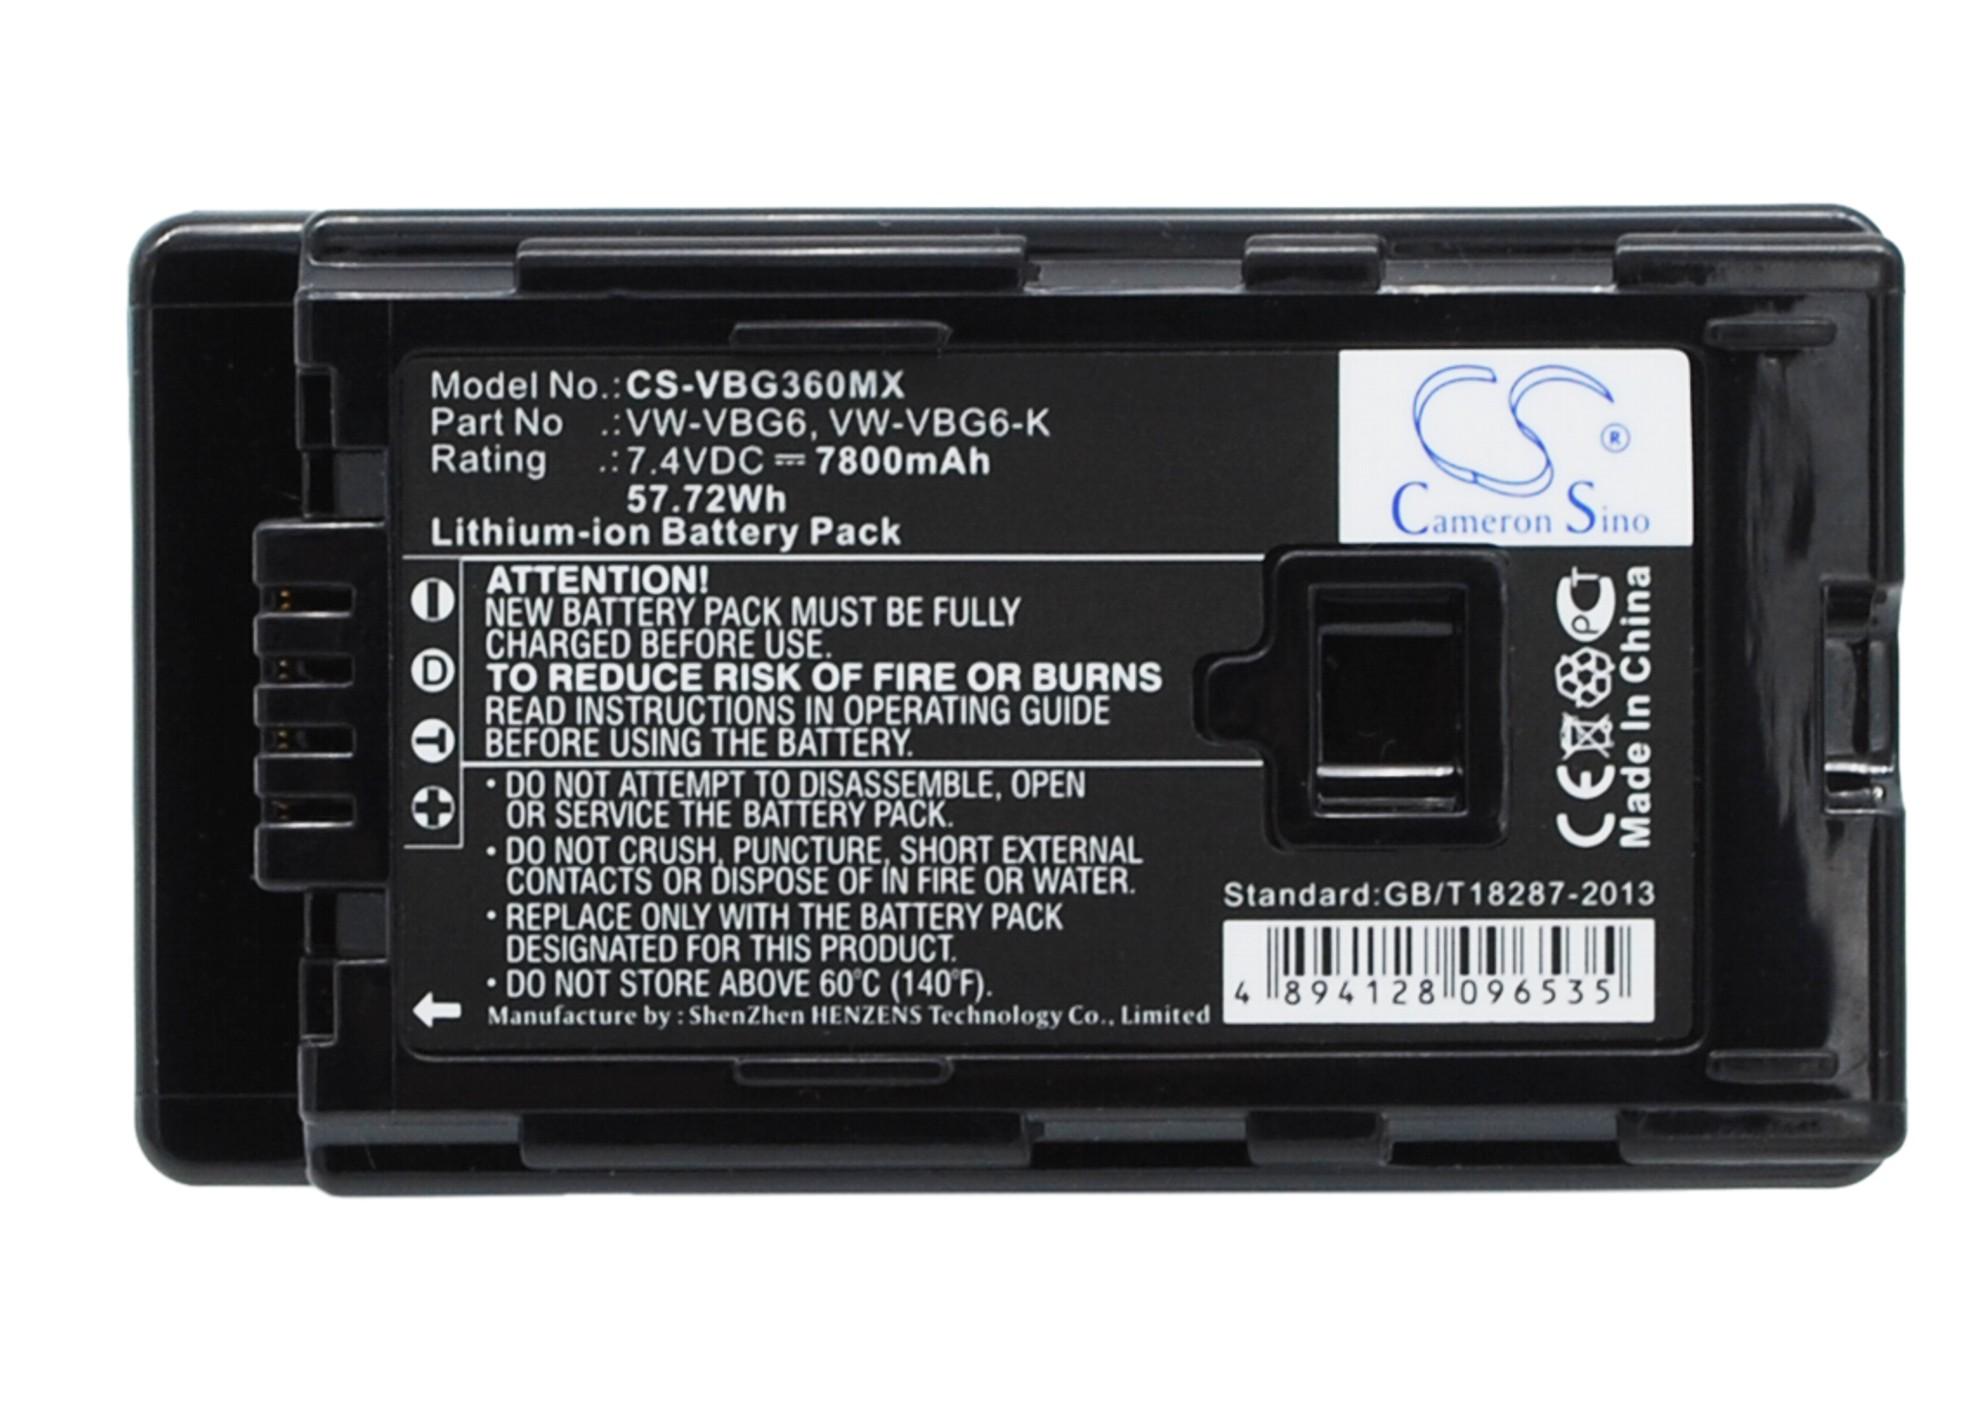 Cameron Sino baterie do kamer a fotoaparátů pro PANASONIC HDC-HS300 7.4V Li-ion 7800mAh černá - neoriginální